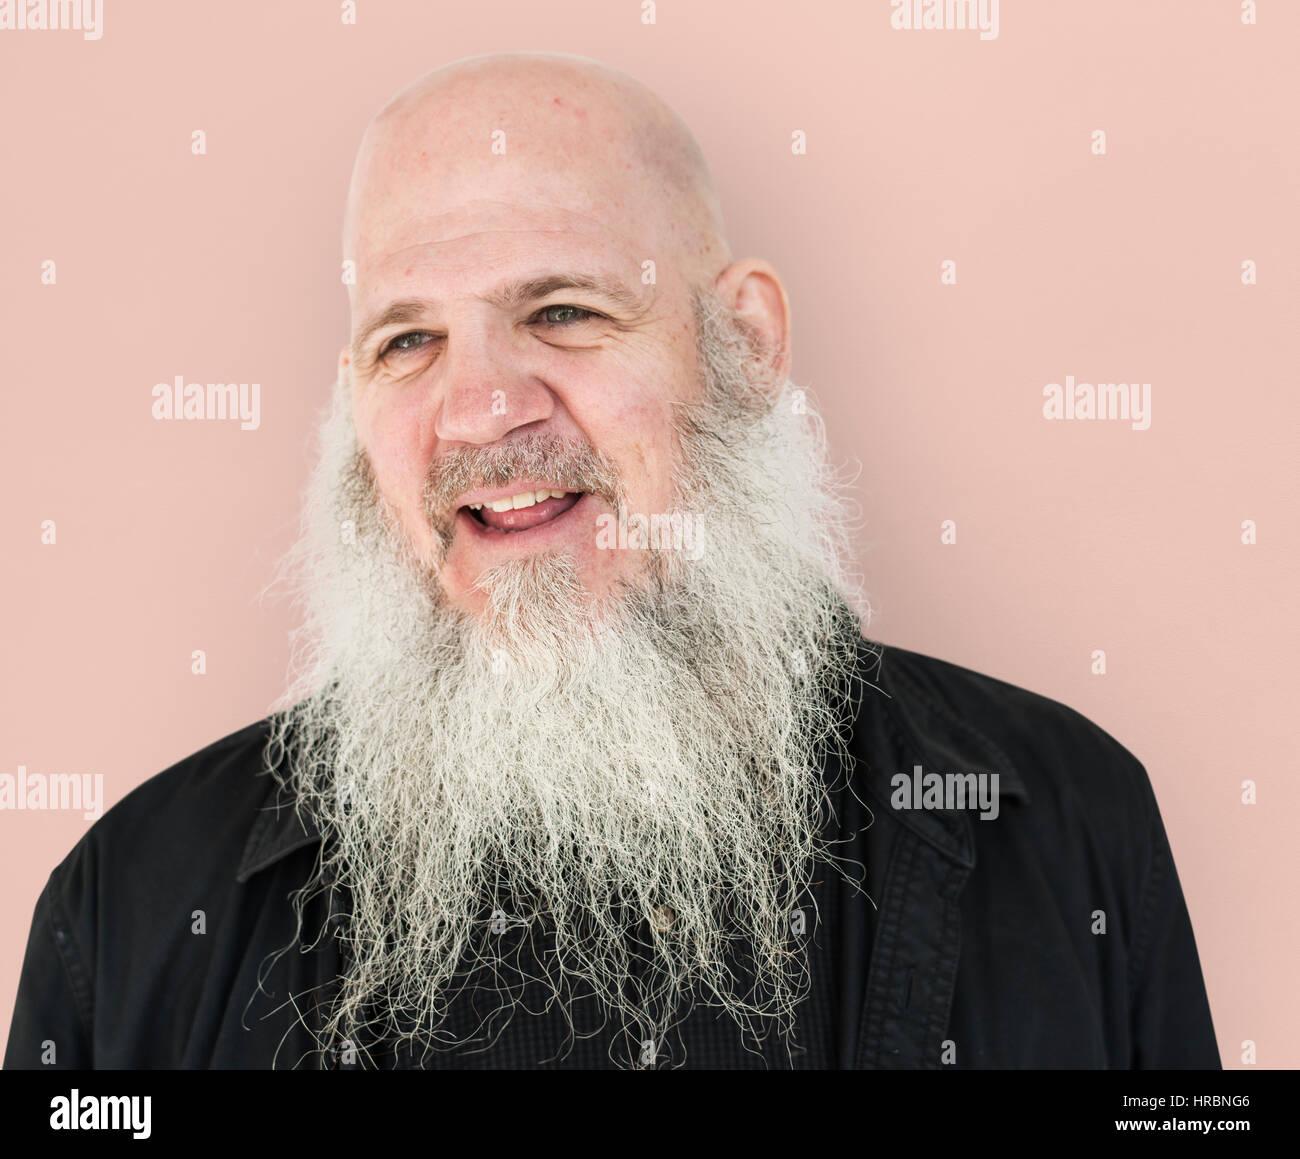 Männer Erwachsenen Langen Bart Glatze Lächeln Stockfoto Bild